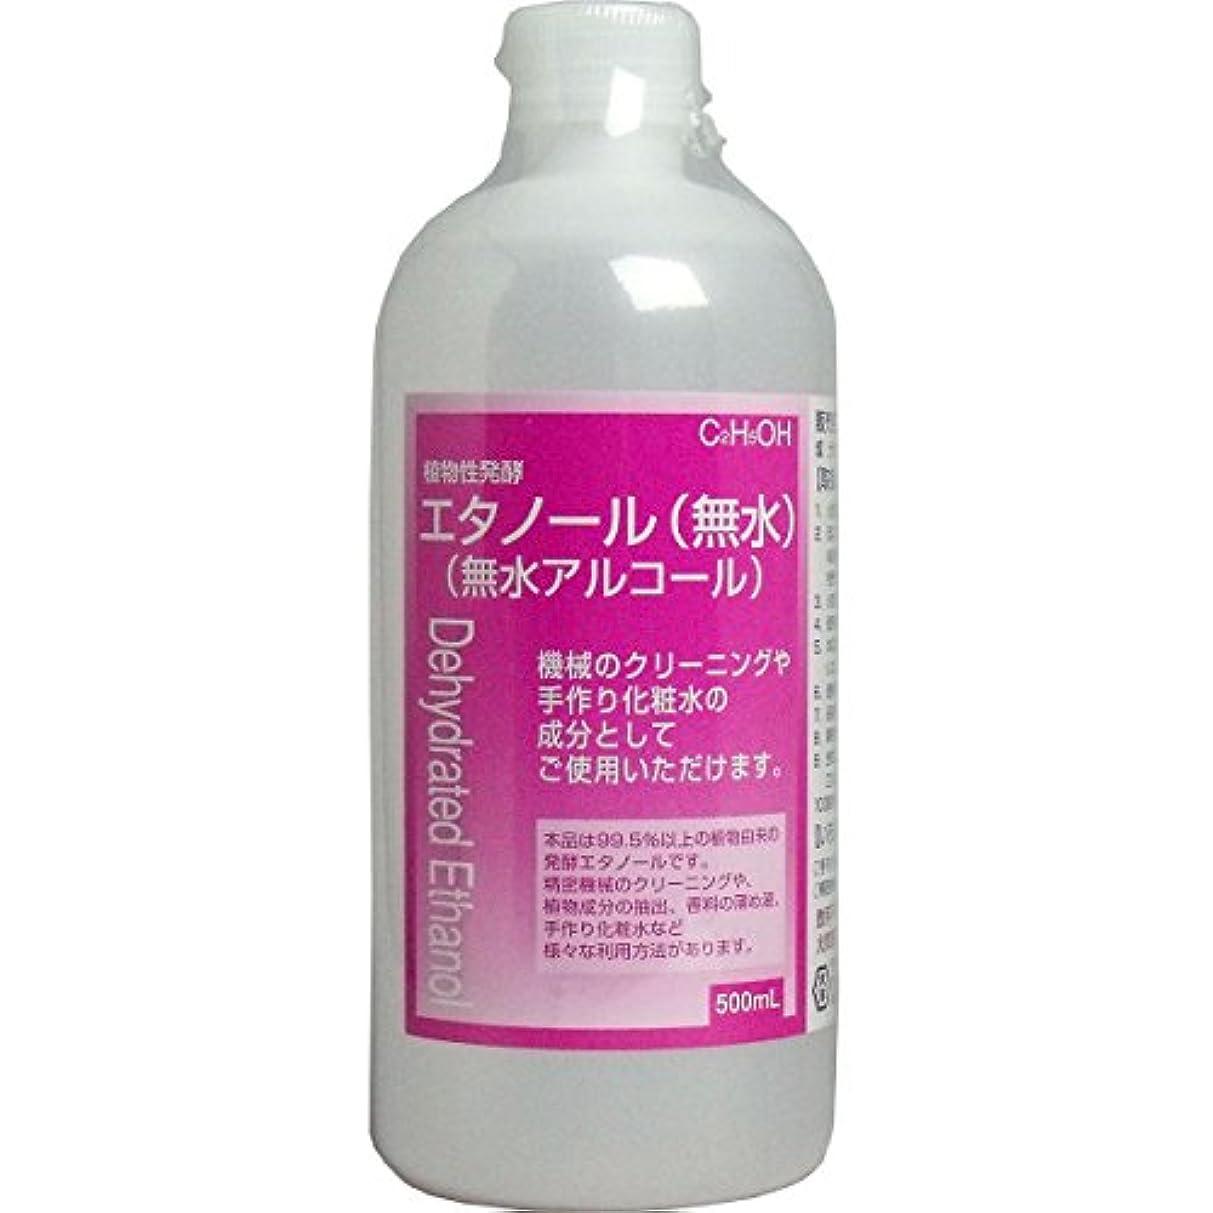 共同選択キャンセルこどもセンター手作り化粧水に 植物性発酵エタノール(無水エタノール) 500mL